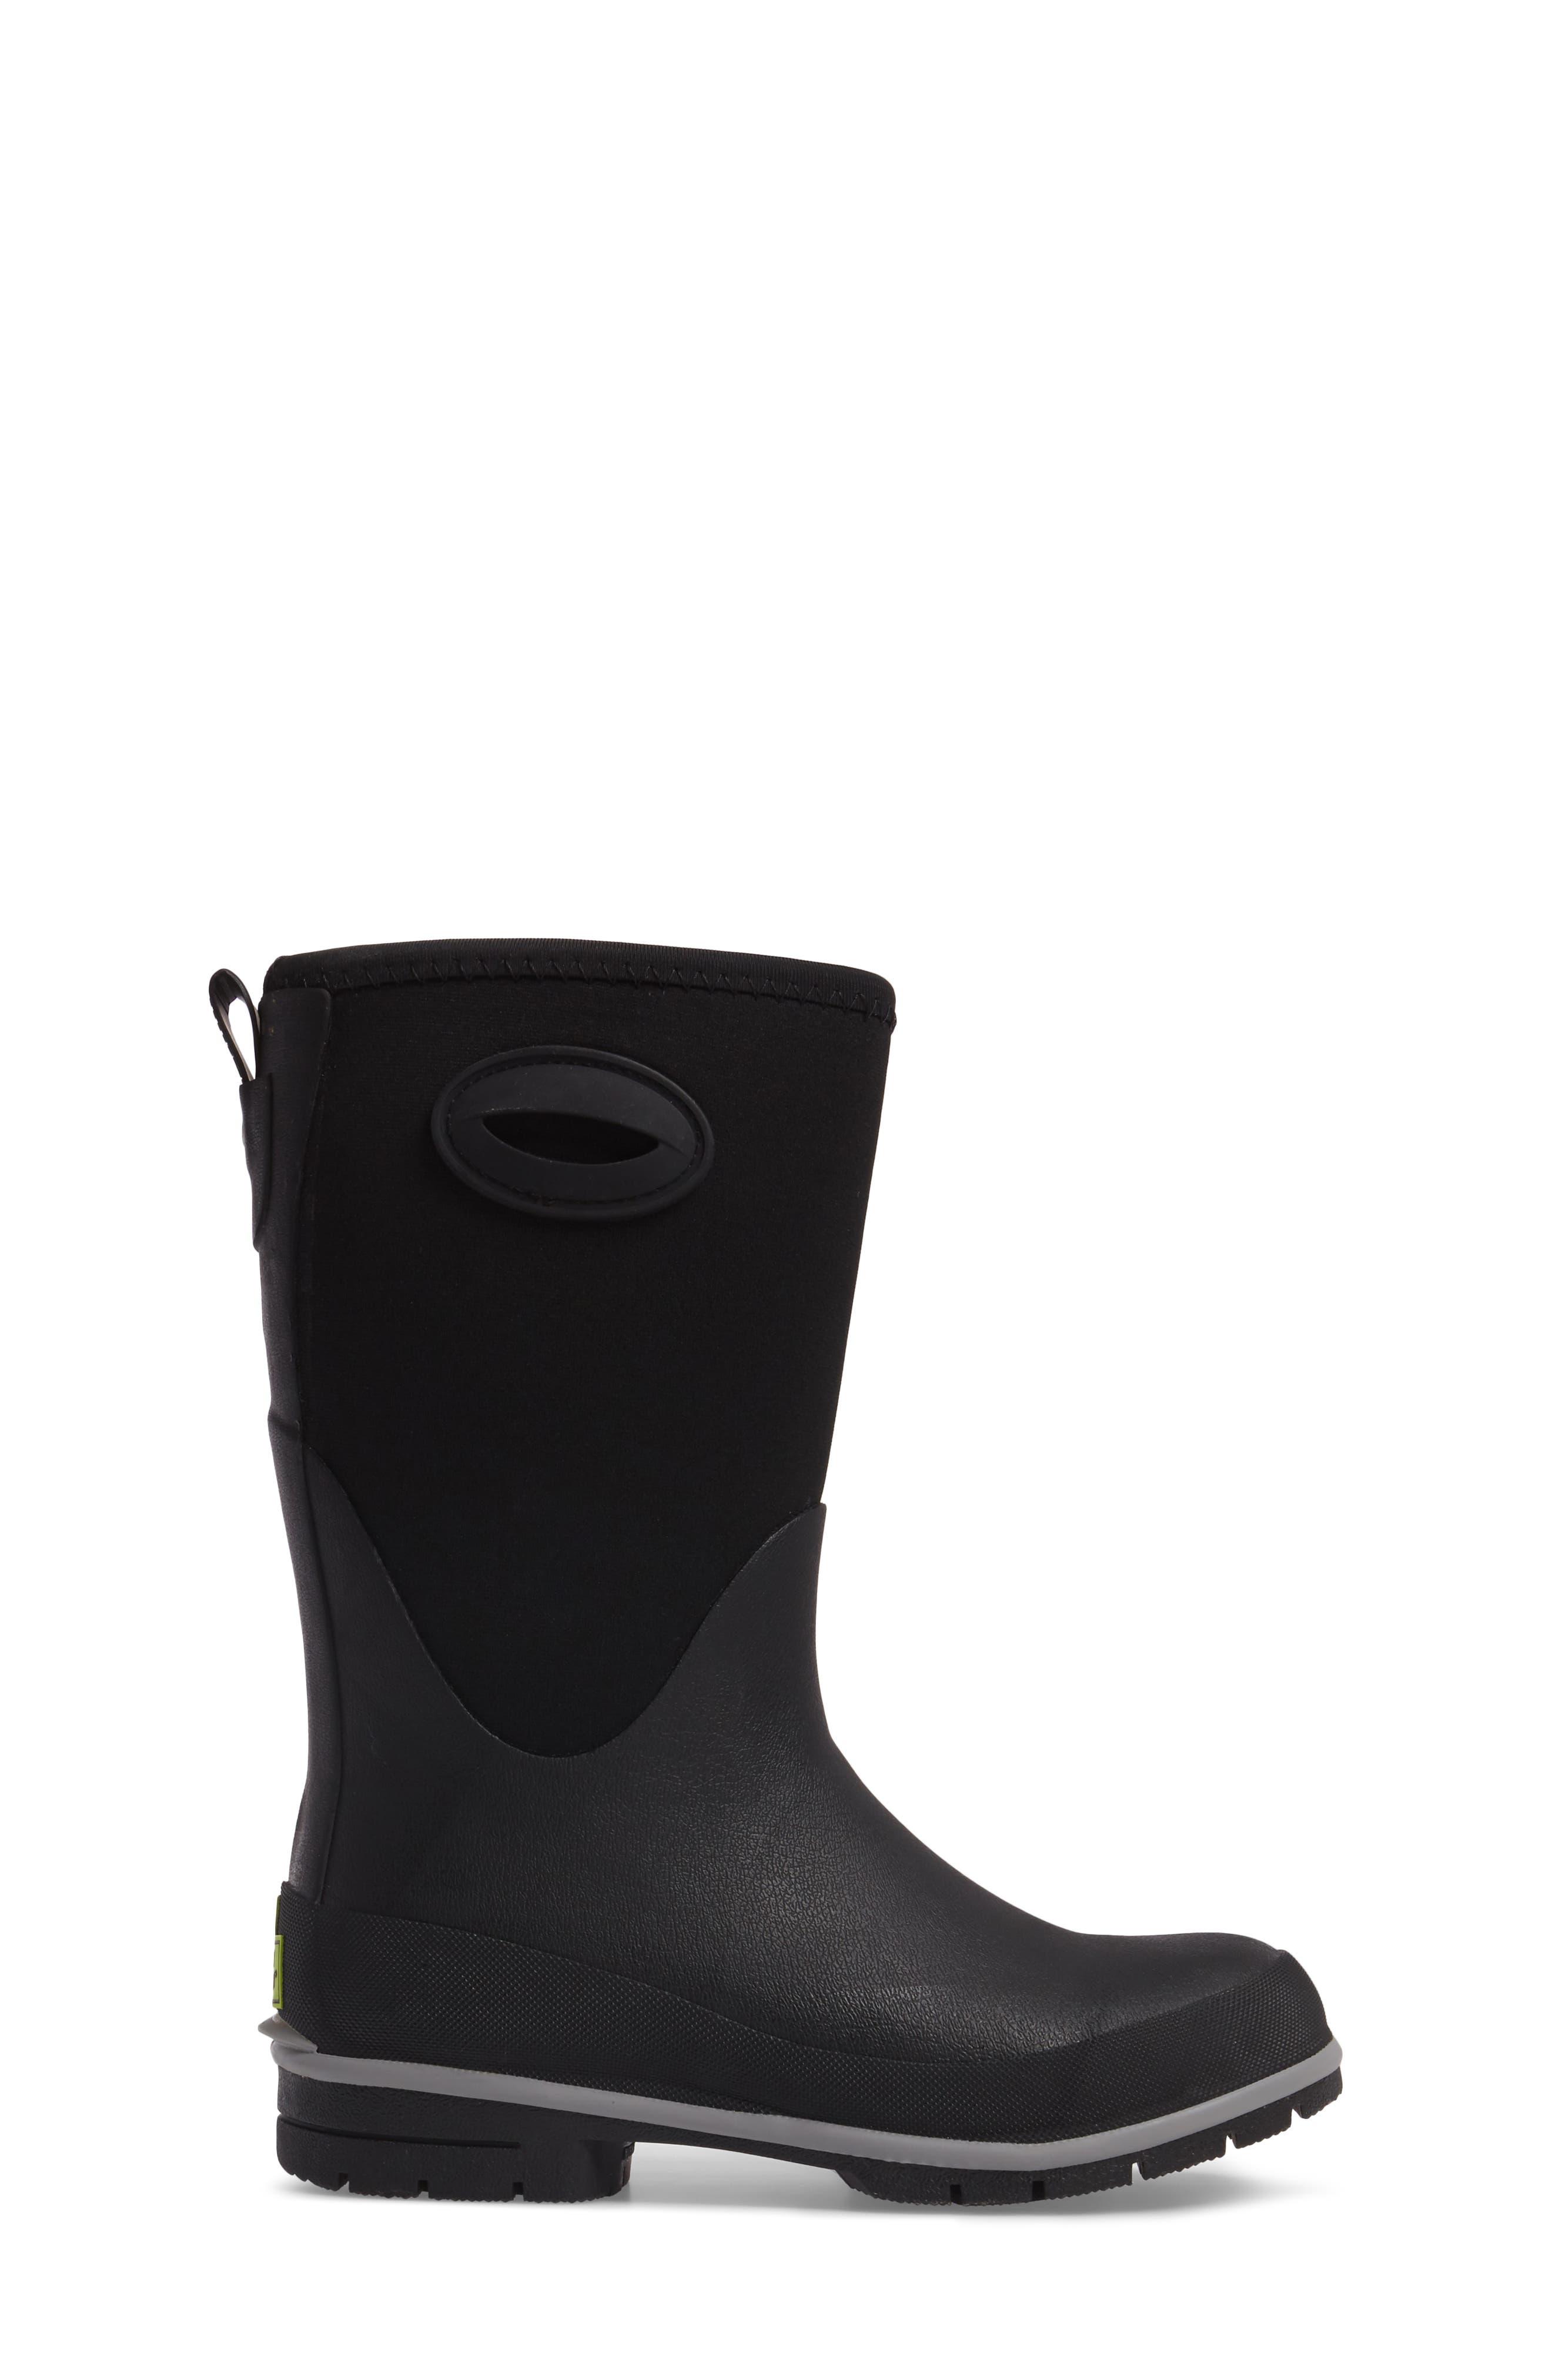 Neoprene Insulated Boot,                             Alternate thumbnail 3, color,                             Black